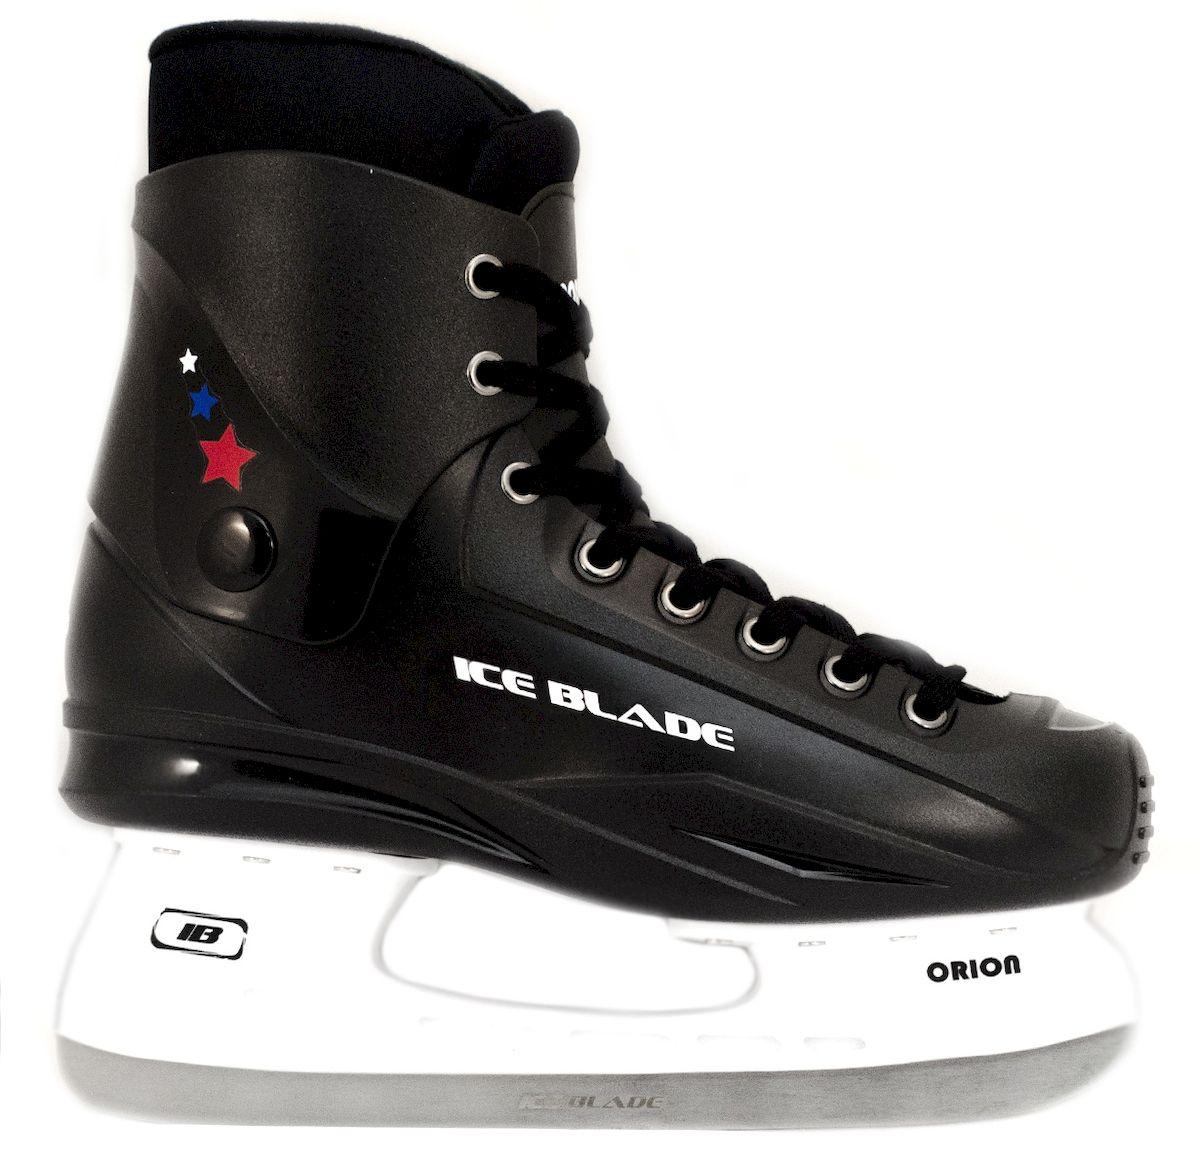 Коньки хоккейные Ice Blade Orion, цвет: черный. УТ-00004984. Размер 44УТ-00004984Коньки хоккейные Orion - это хоккейные коньки для любых возрастов. Конструкция Ice Blade Orion прекрасно защищает стопу, очень комфортно для активного катания, а также позволяет играть в хоккей. Легкий пластиковый ботинок хоккейных коньков Ice Blade Orion очень комфортный как для простого катания на льду, так и для любительского хоккея. Внутренний сапожок утеплен мягким и дышащим материалом, а язычок усилен специальной вставкой для большей безопасности Вашей стопы. Модель Ice Blade Orion также прекрасно подойдет и для коммерческого использования. Данную модель часто покупают для использования в прокате. Материал: Выполнены из высококачественного морозостойкого пластика и нейлоновой сетки. Внутренняя часть отделана мягким вельветом. Материал лезвия - высокоуглеродистая сталь. Основные характеристики: Назначение: хоккейные коньки Тип фиксации: шнурки Дополнительные характеристики: Материал ботинка: высококачественный морозостойкий пластик и нейлоновая сетка...